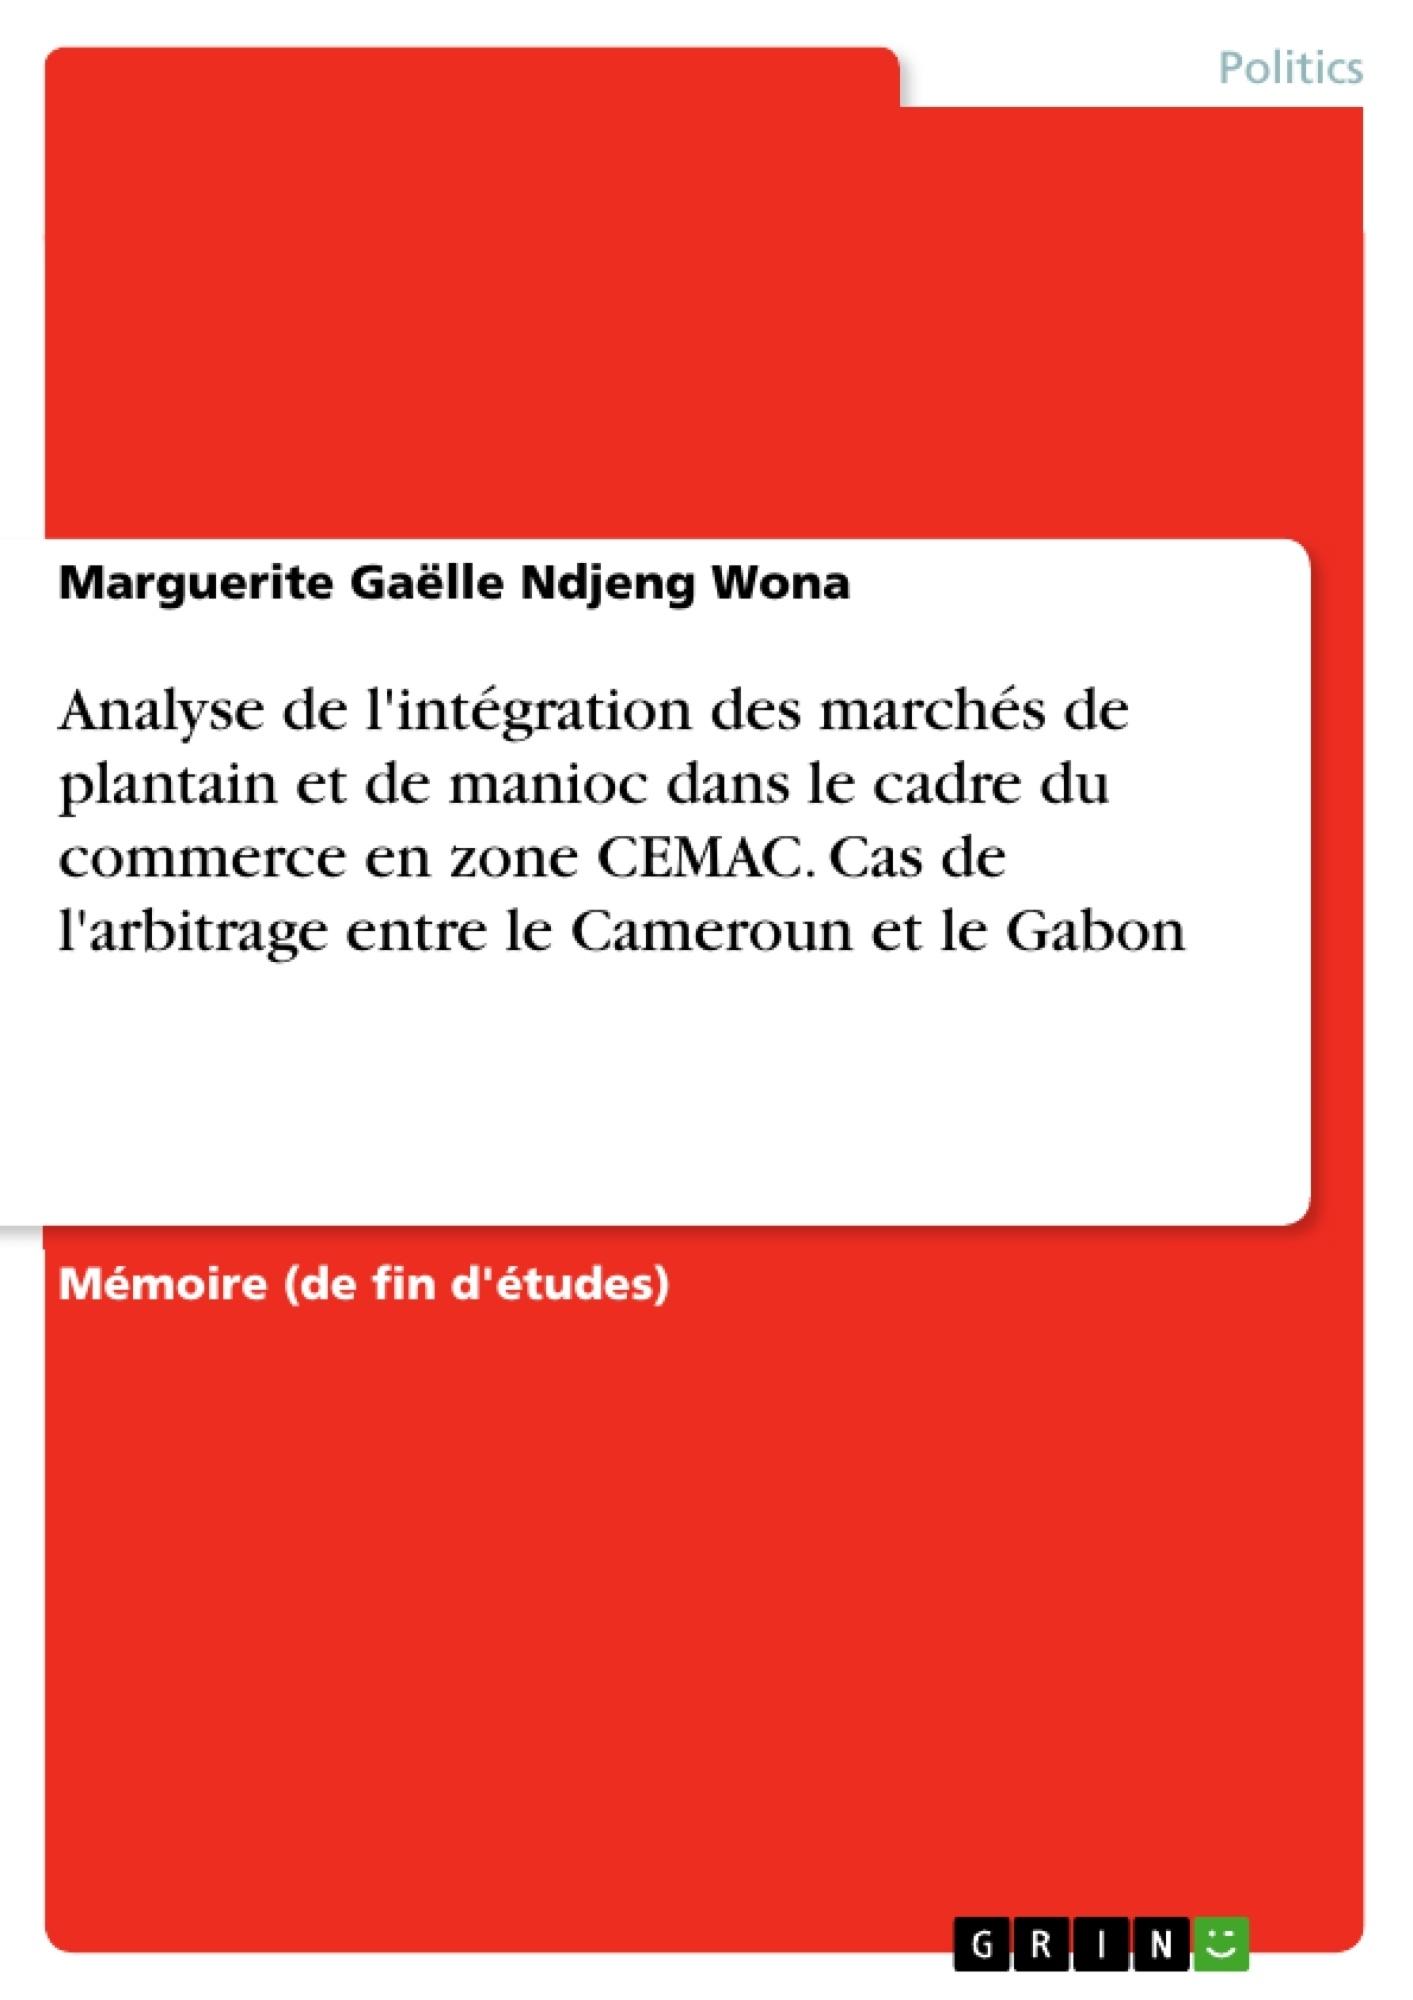 Titre: Analyse de l'intégration des marchés de plantain et de manioc dans le cadre du commerce en zone CEMAC. Cas de l'arbitrage entre le Cameroun et le Gabon